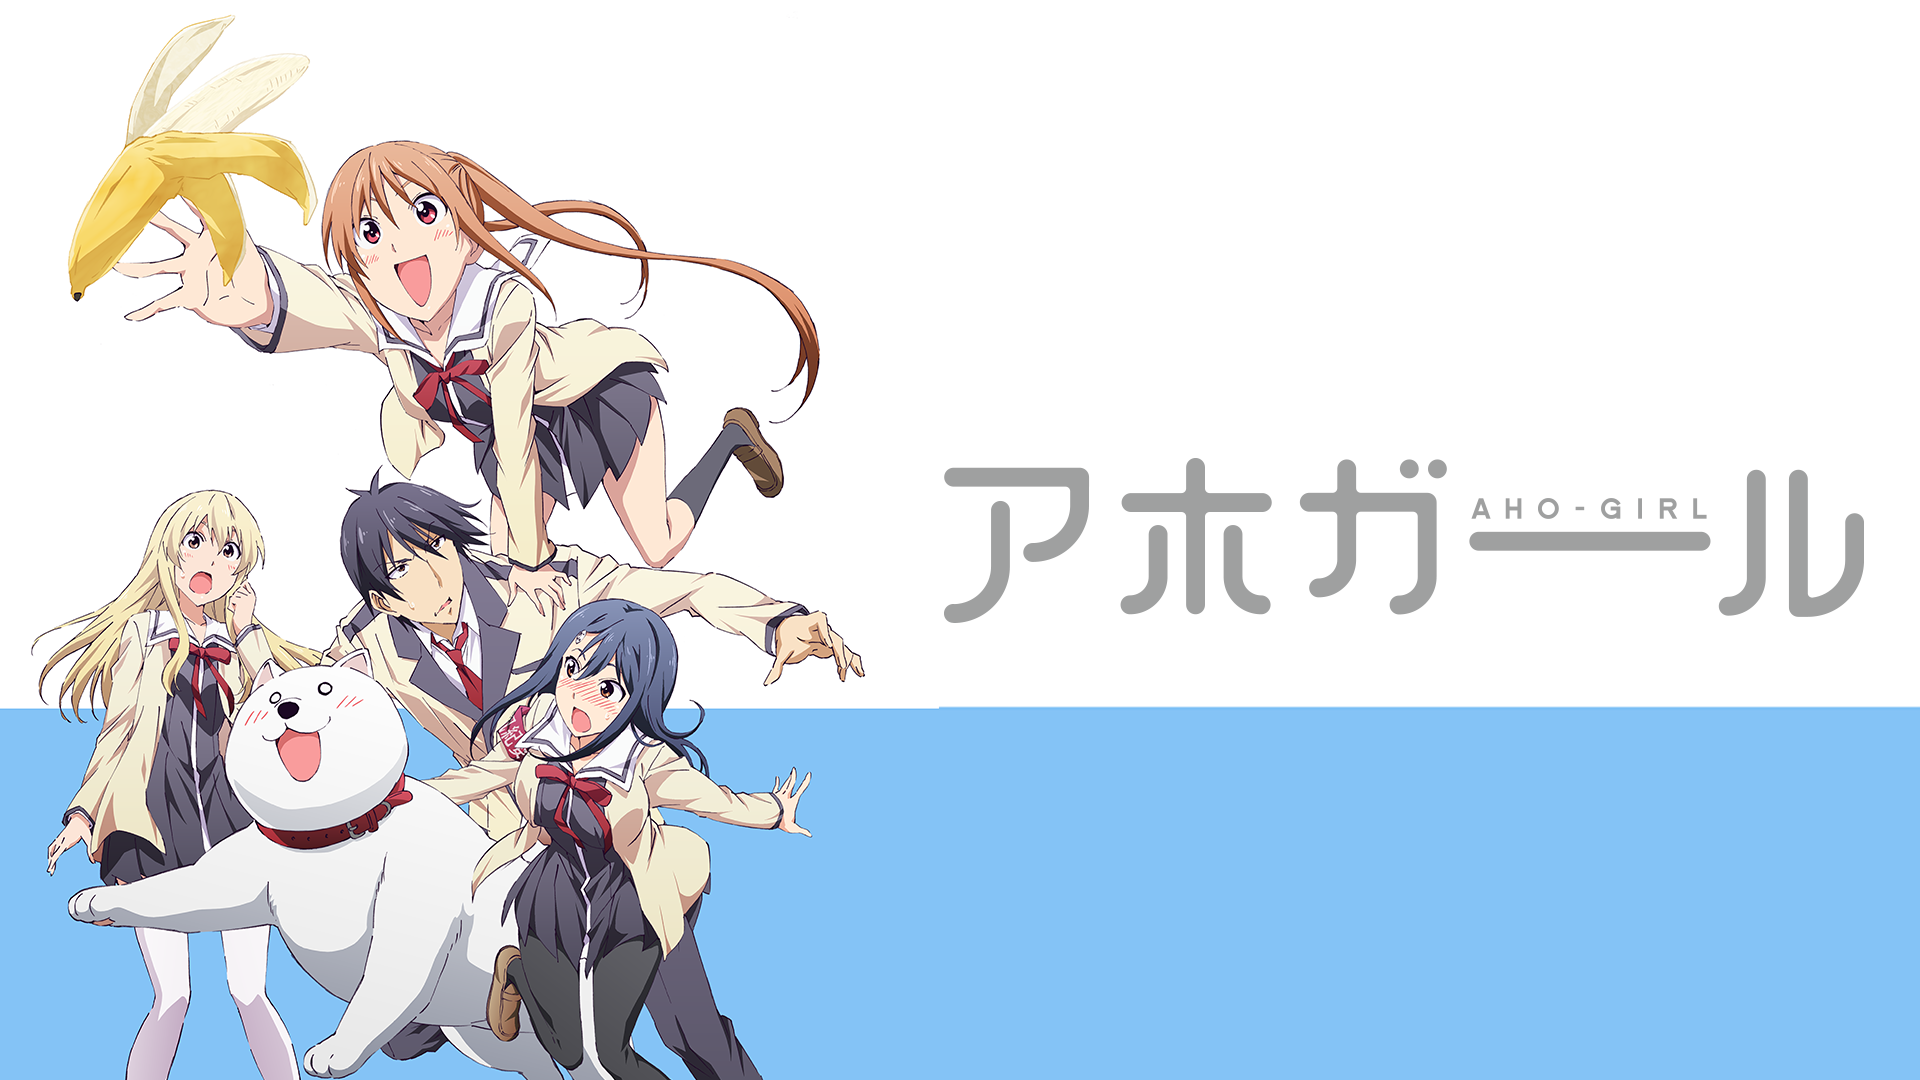 【アニメ】アホガールのレビュー・予告・あらすじ